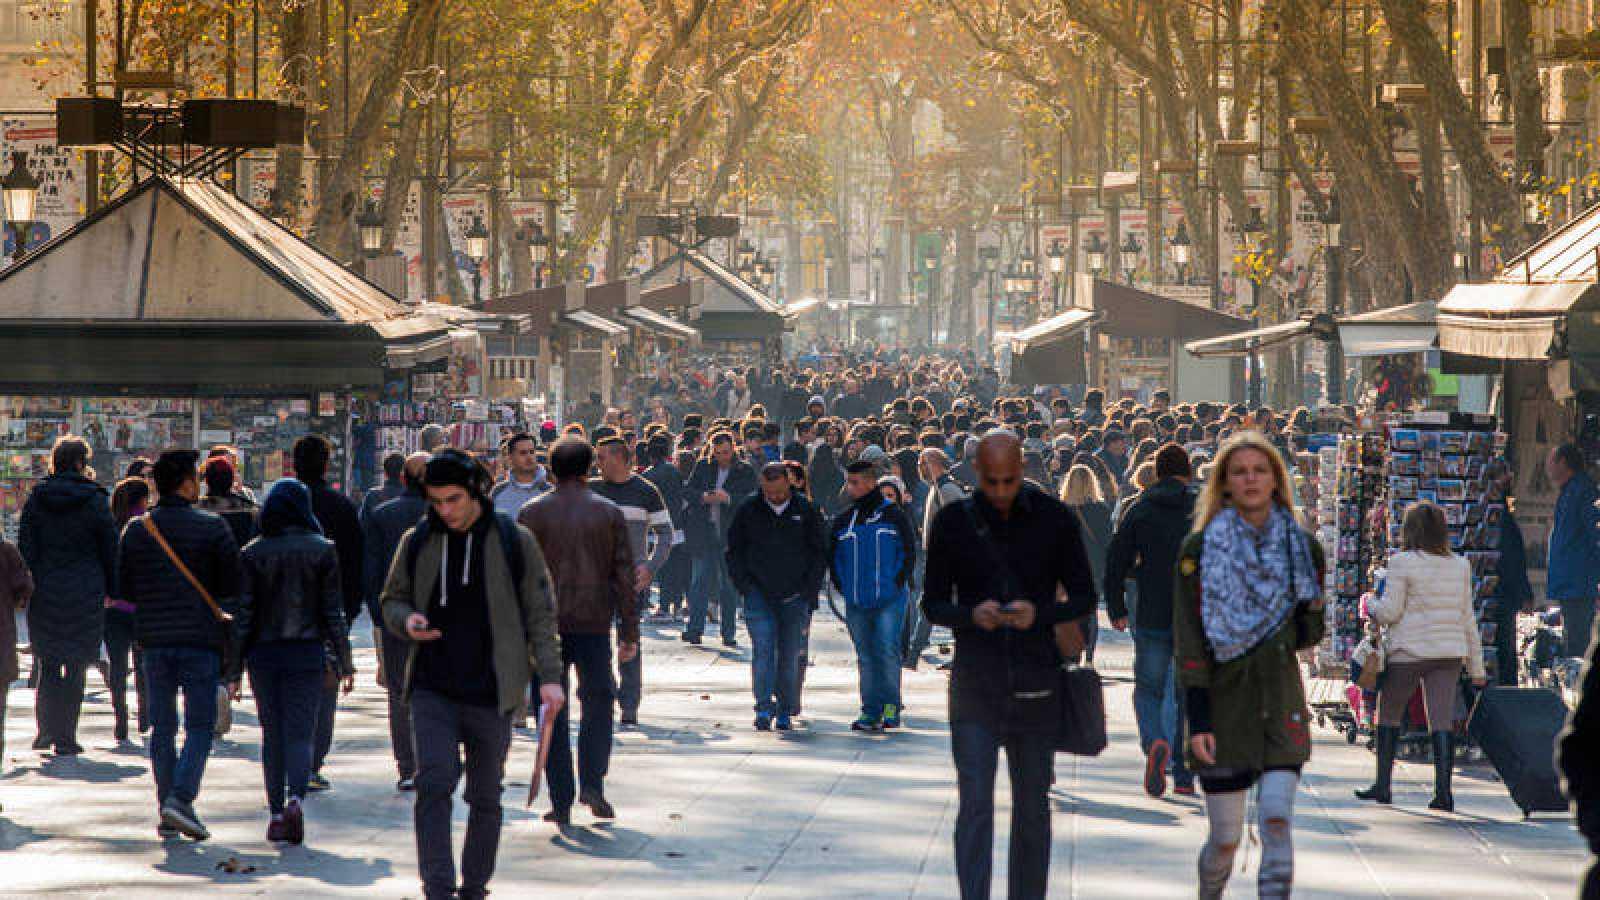 El INE cree que en 2033 habrá 49 millones de habitantes en España